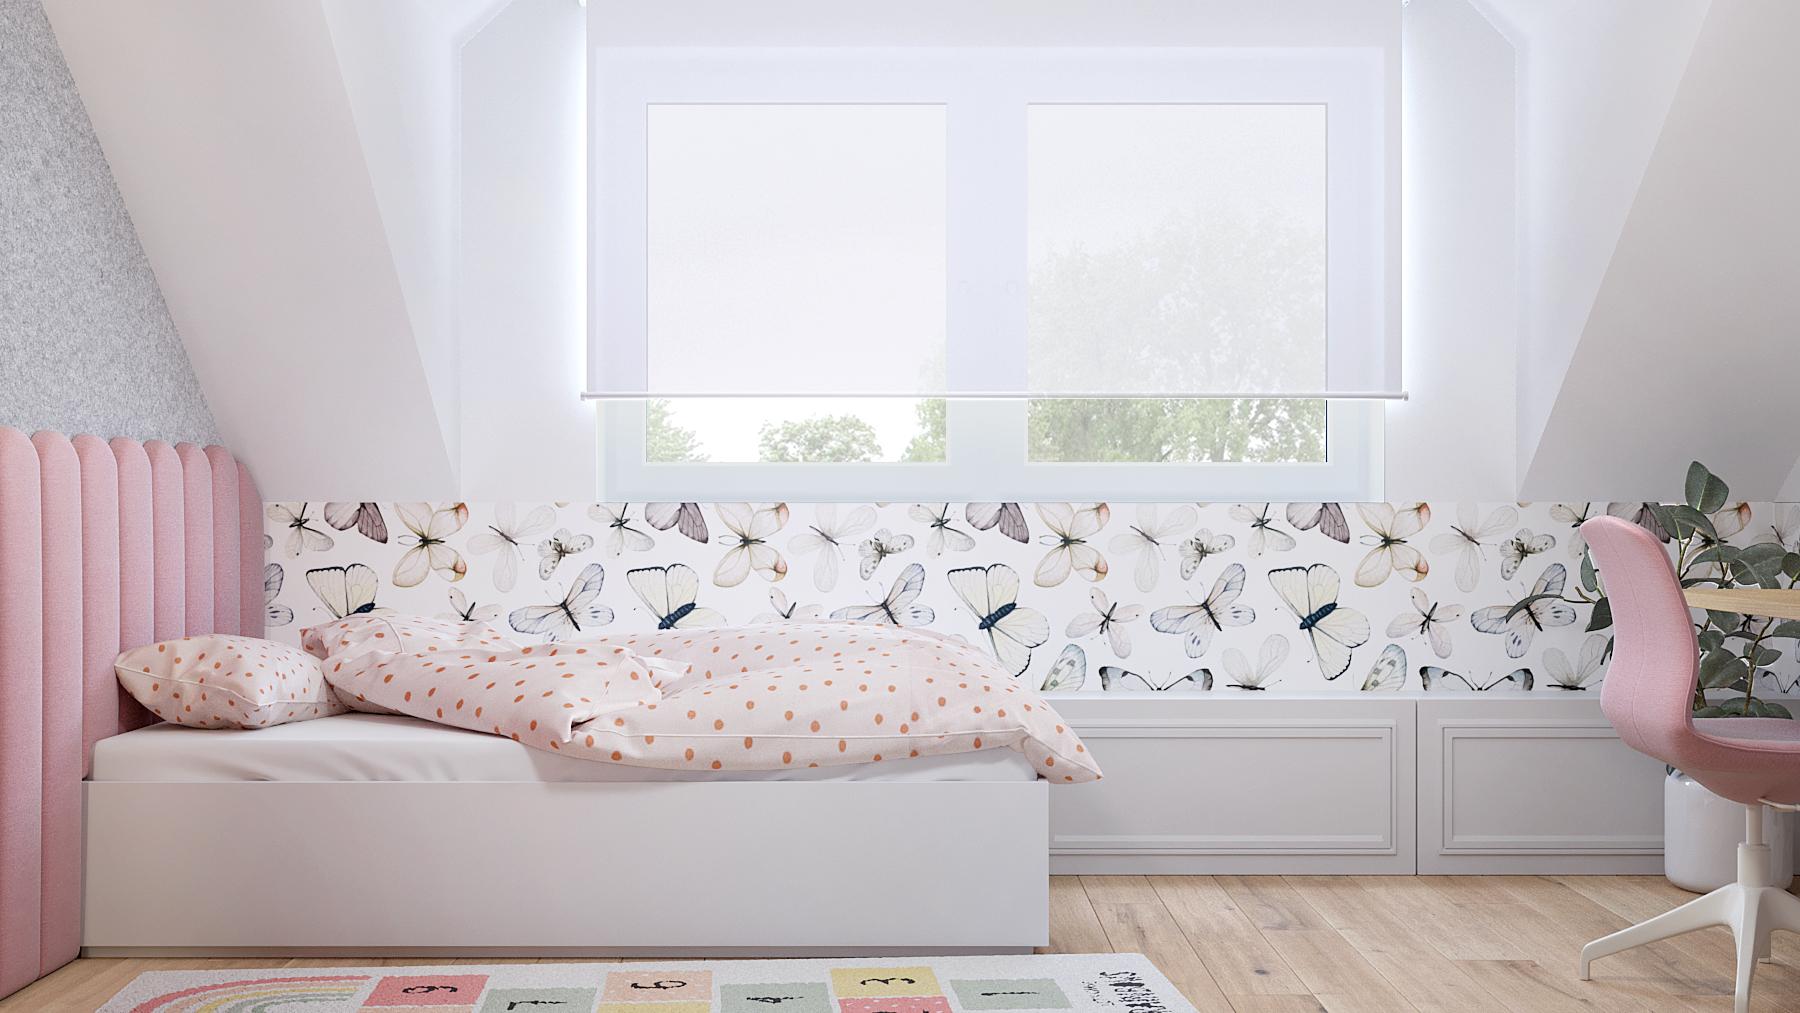 15 projektant wnetrz D423 poddasze Myslowice pokoj dziewczynki biale lozko rozowy zaglowek tapeta motylki romantyczny pokoj